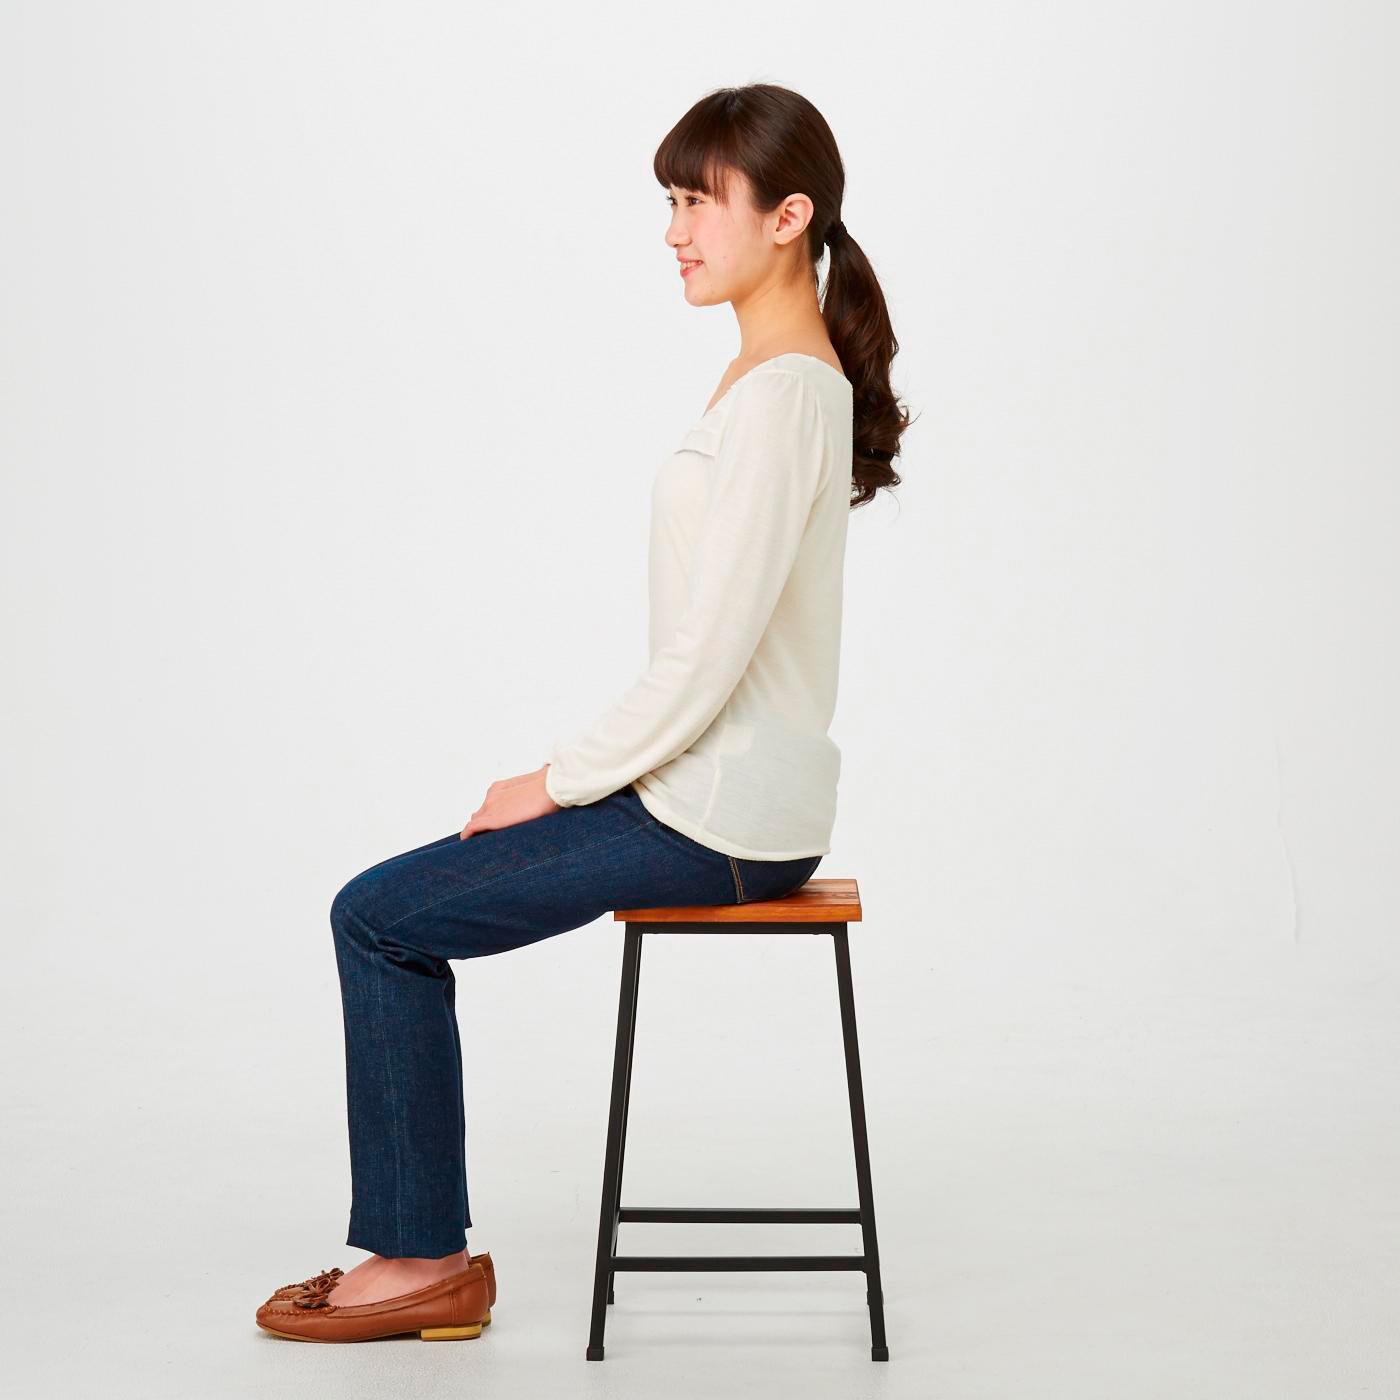 座りやすく、場所を選ばず使える高さが魅力。